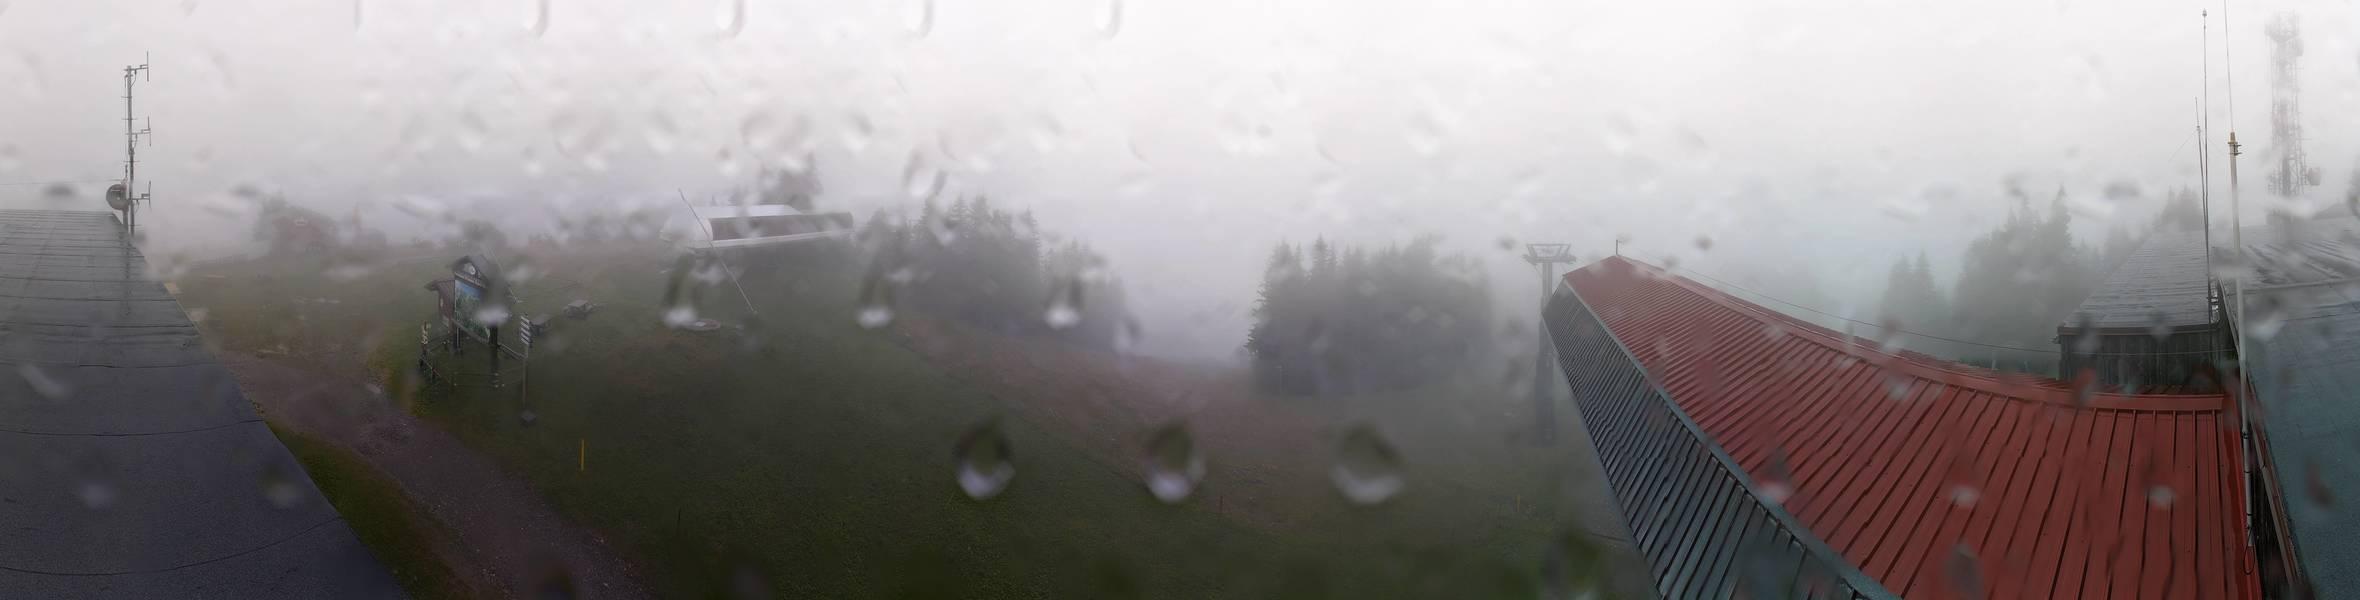 St Gervais - Megeve Mont Arbois Webcam